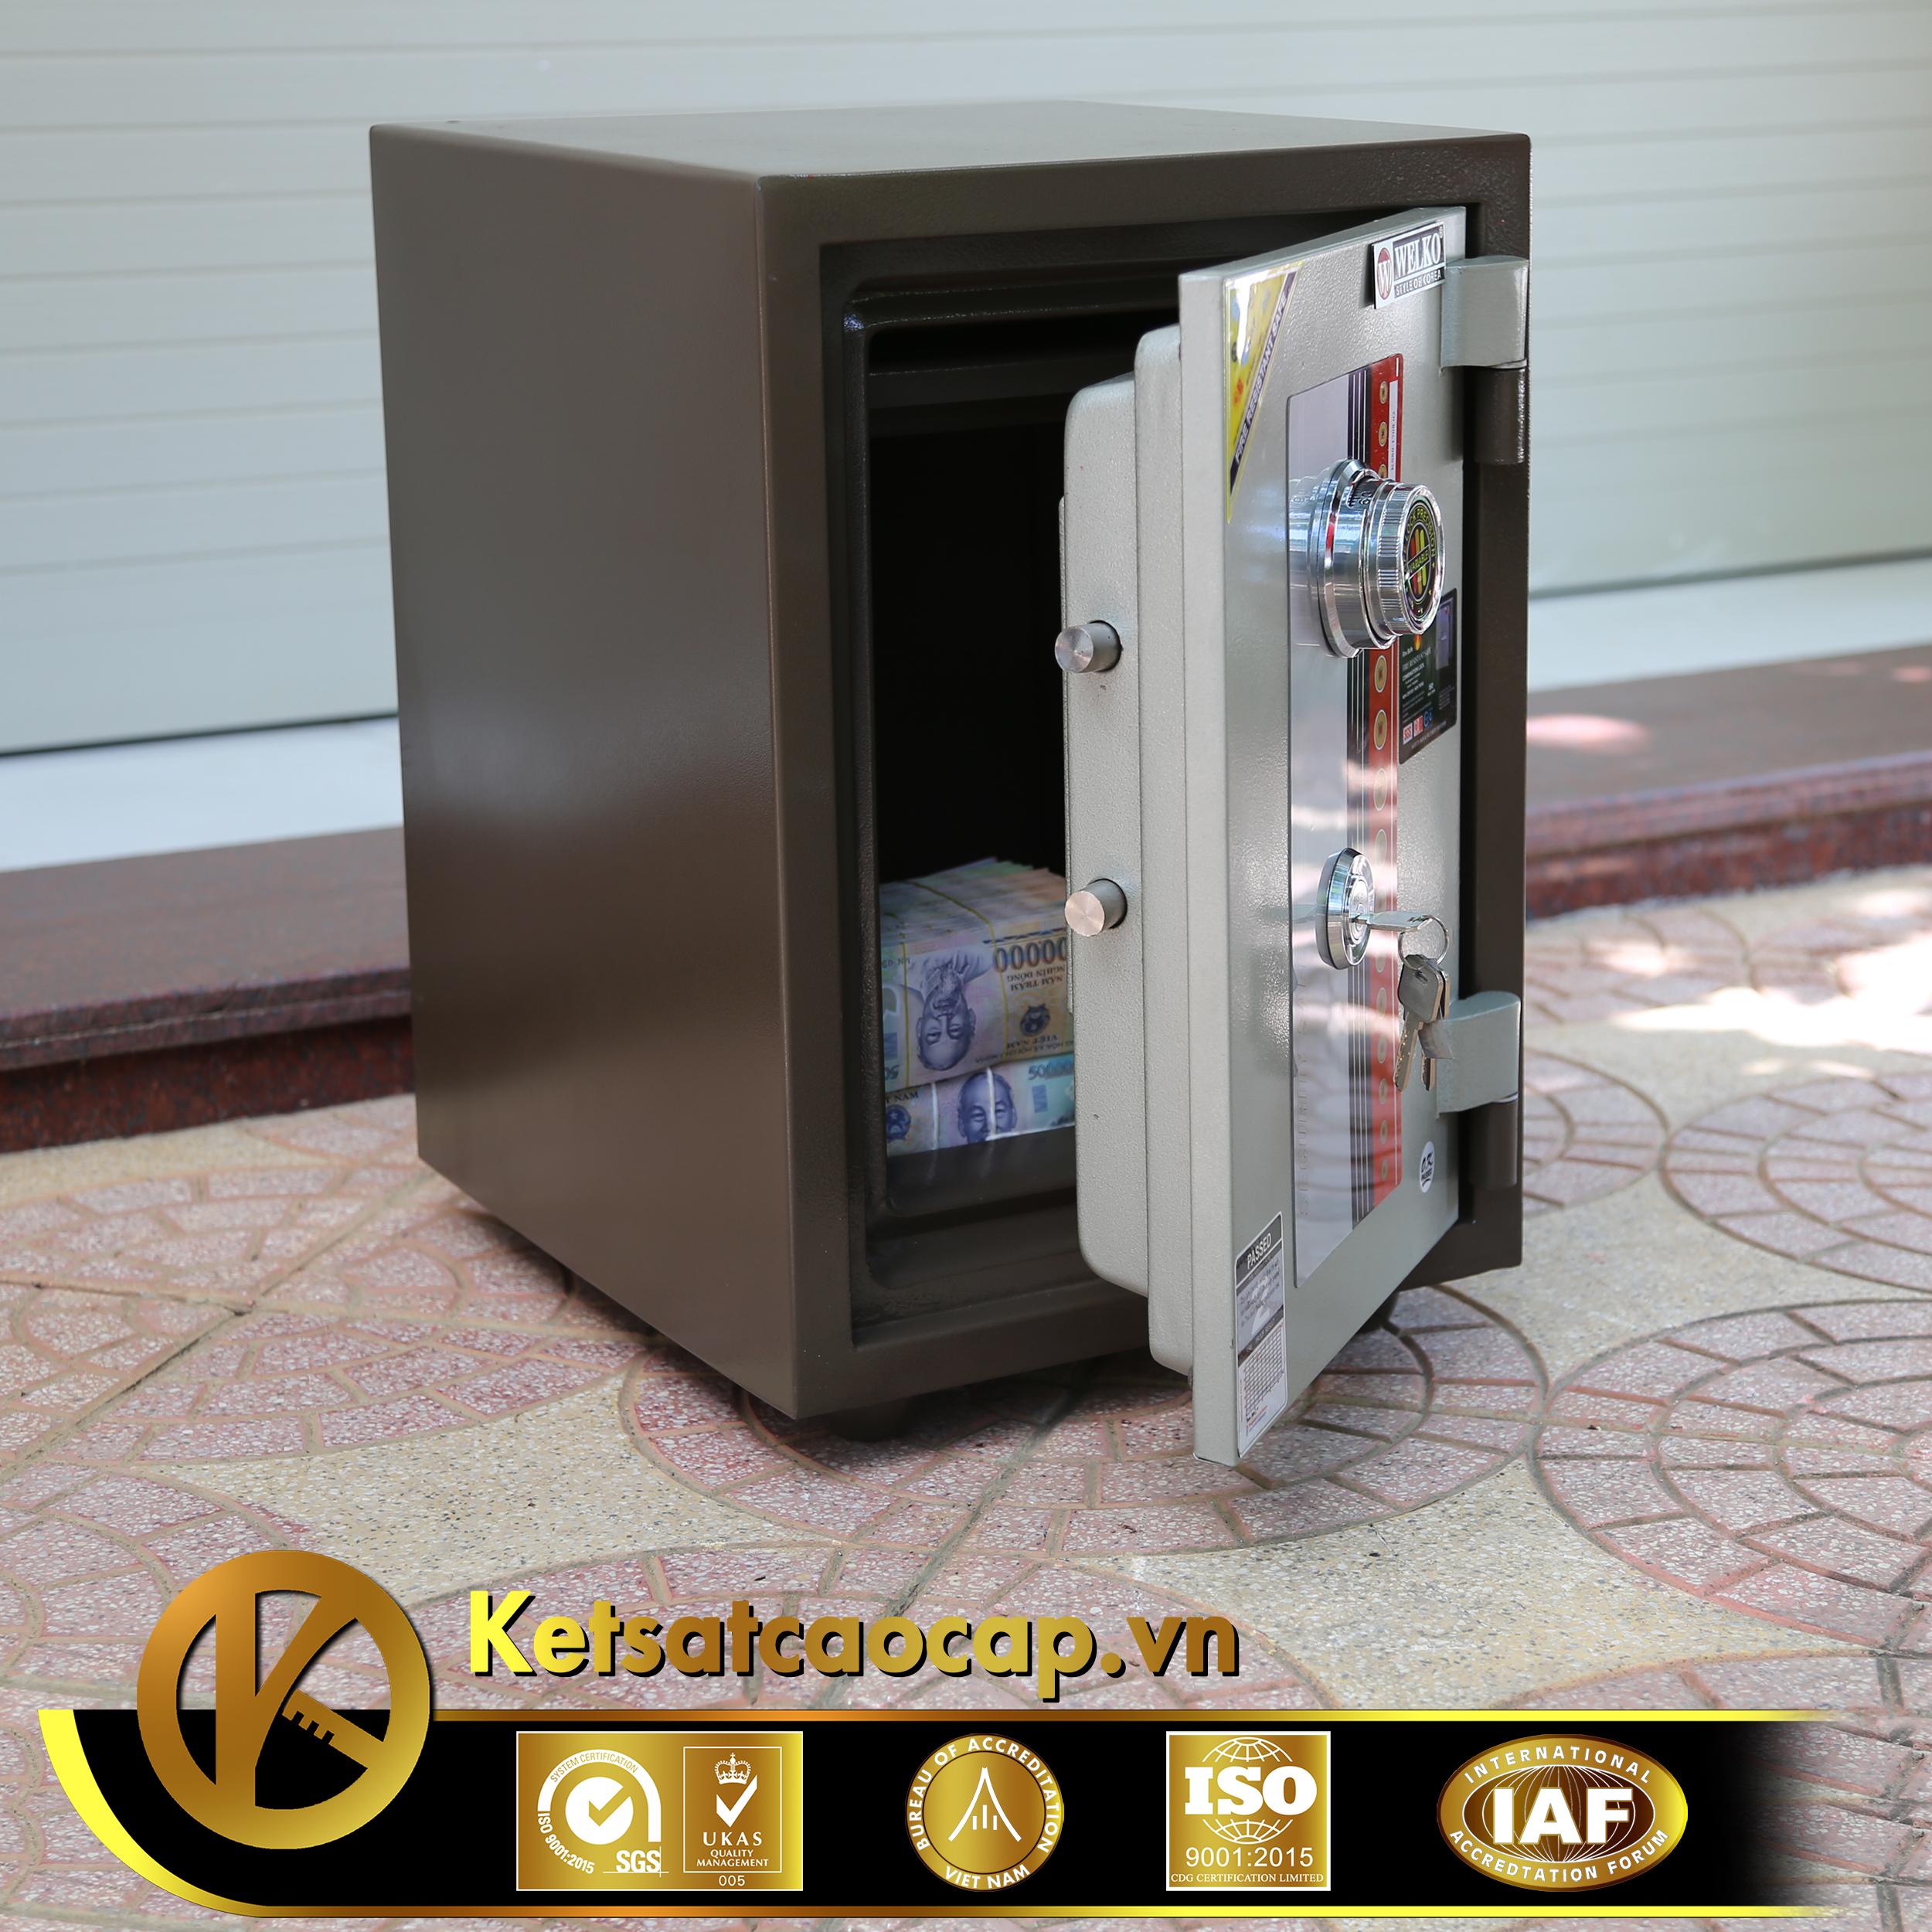 Két sắt văn phòng KS80D Brown-Series Khóa cơ